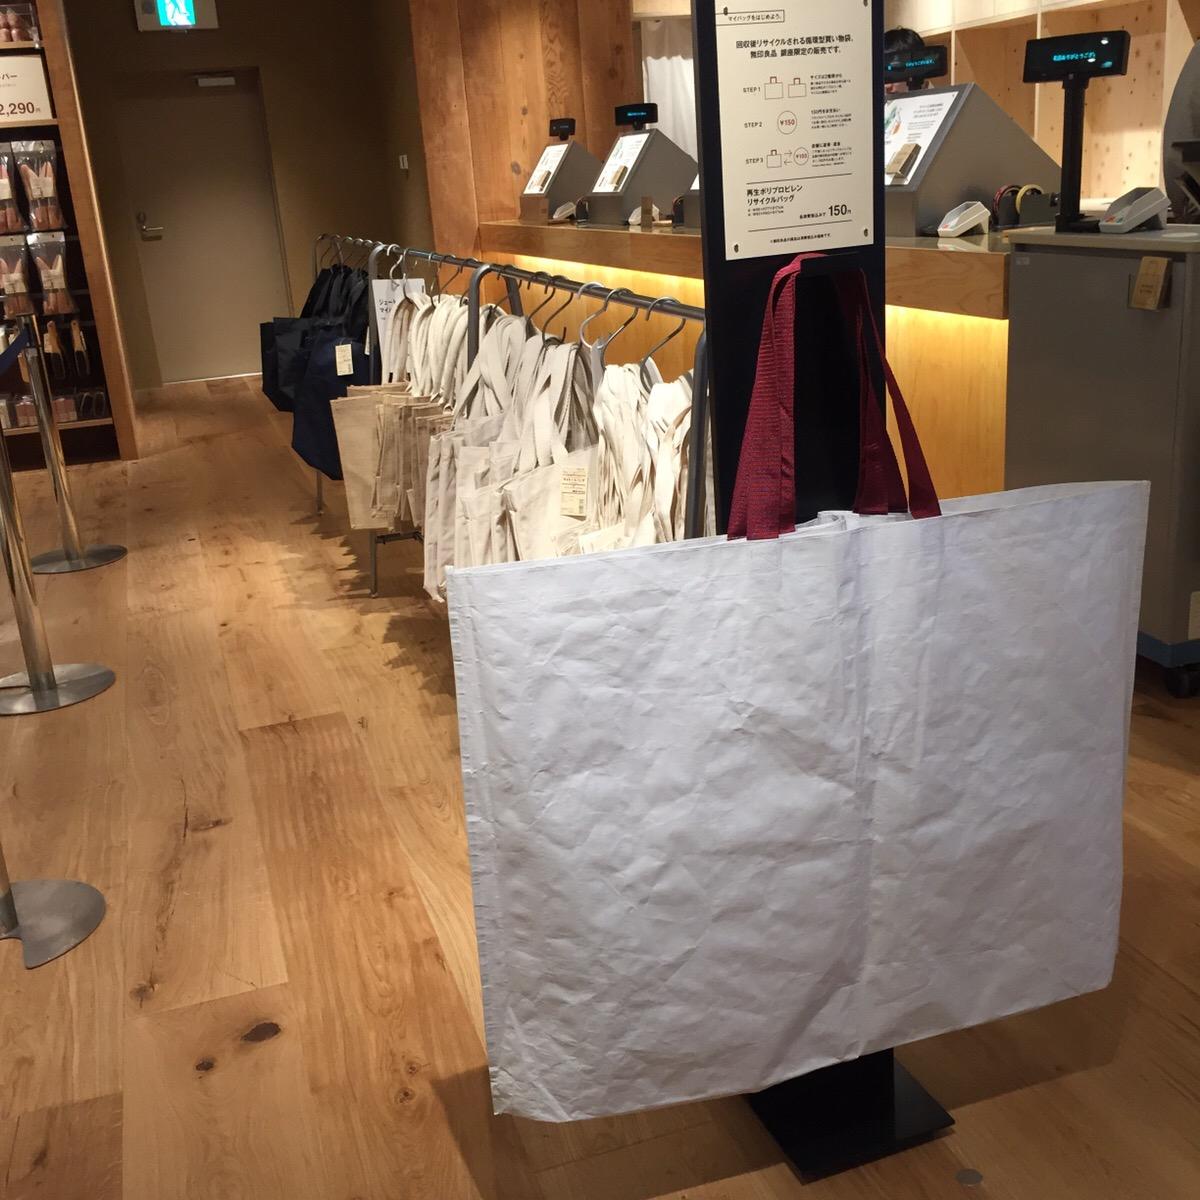 布団が入る大きさの、「無印良品 銀座」限定のリサイクルバッグ¥139